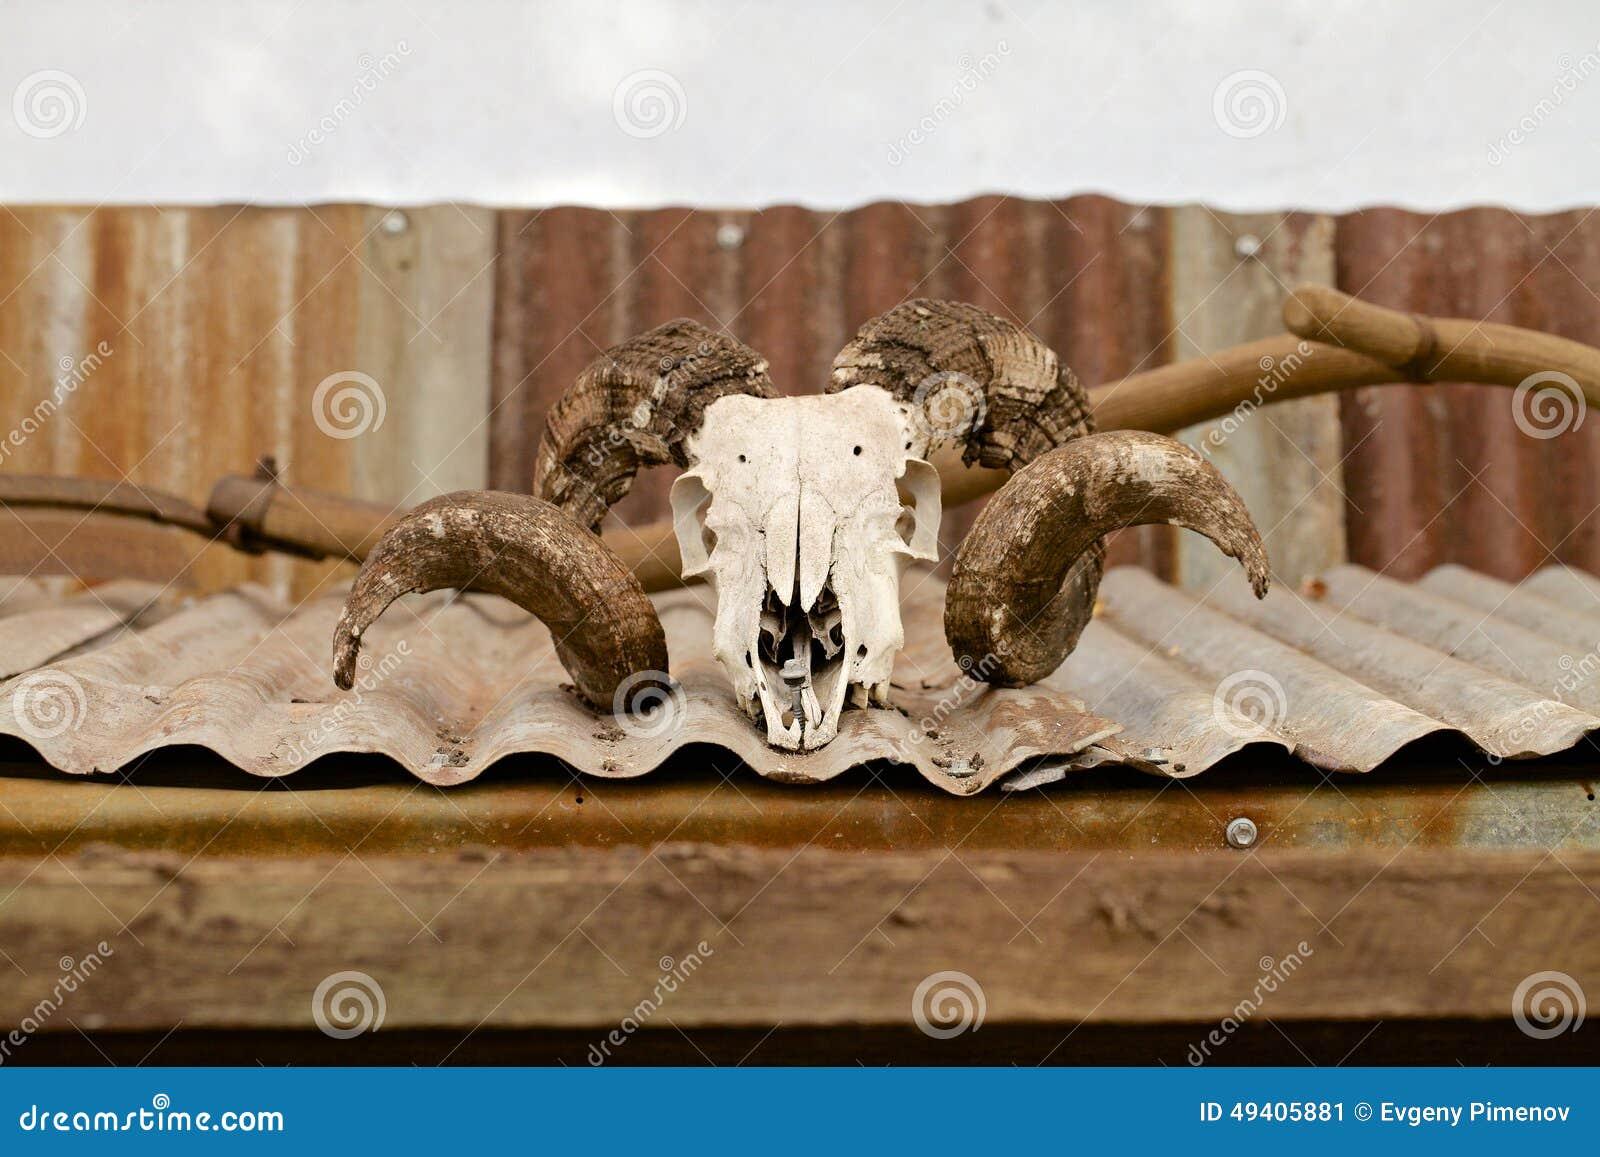 Download Schafschädel mit Hörnern stockbild. Bild von kunst, lamm - 49405881